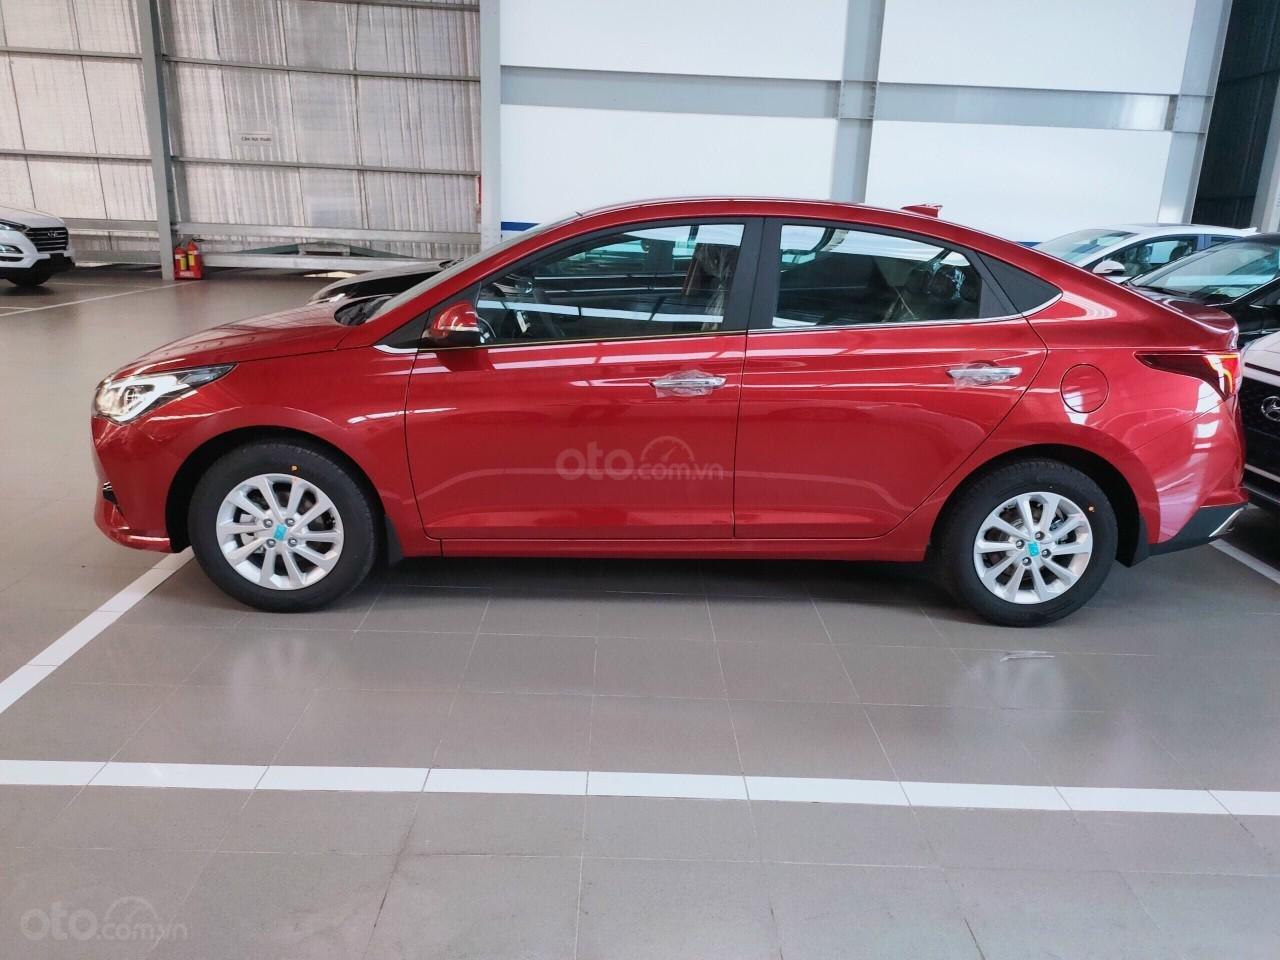 Hyundai Miền Nam: Bán Hyundai Accent năm 2021, xe đủ màu, trả góp lên đến 85% giá trị xe, mua xe giá tốt nhất (4)